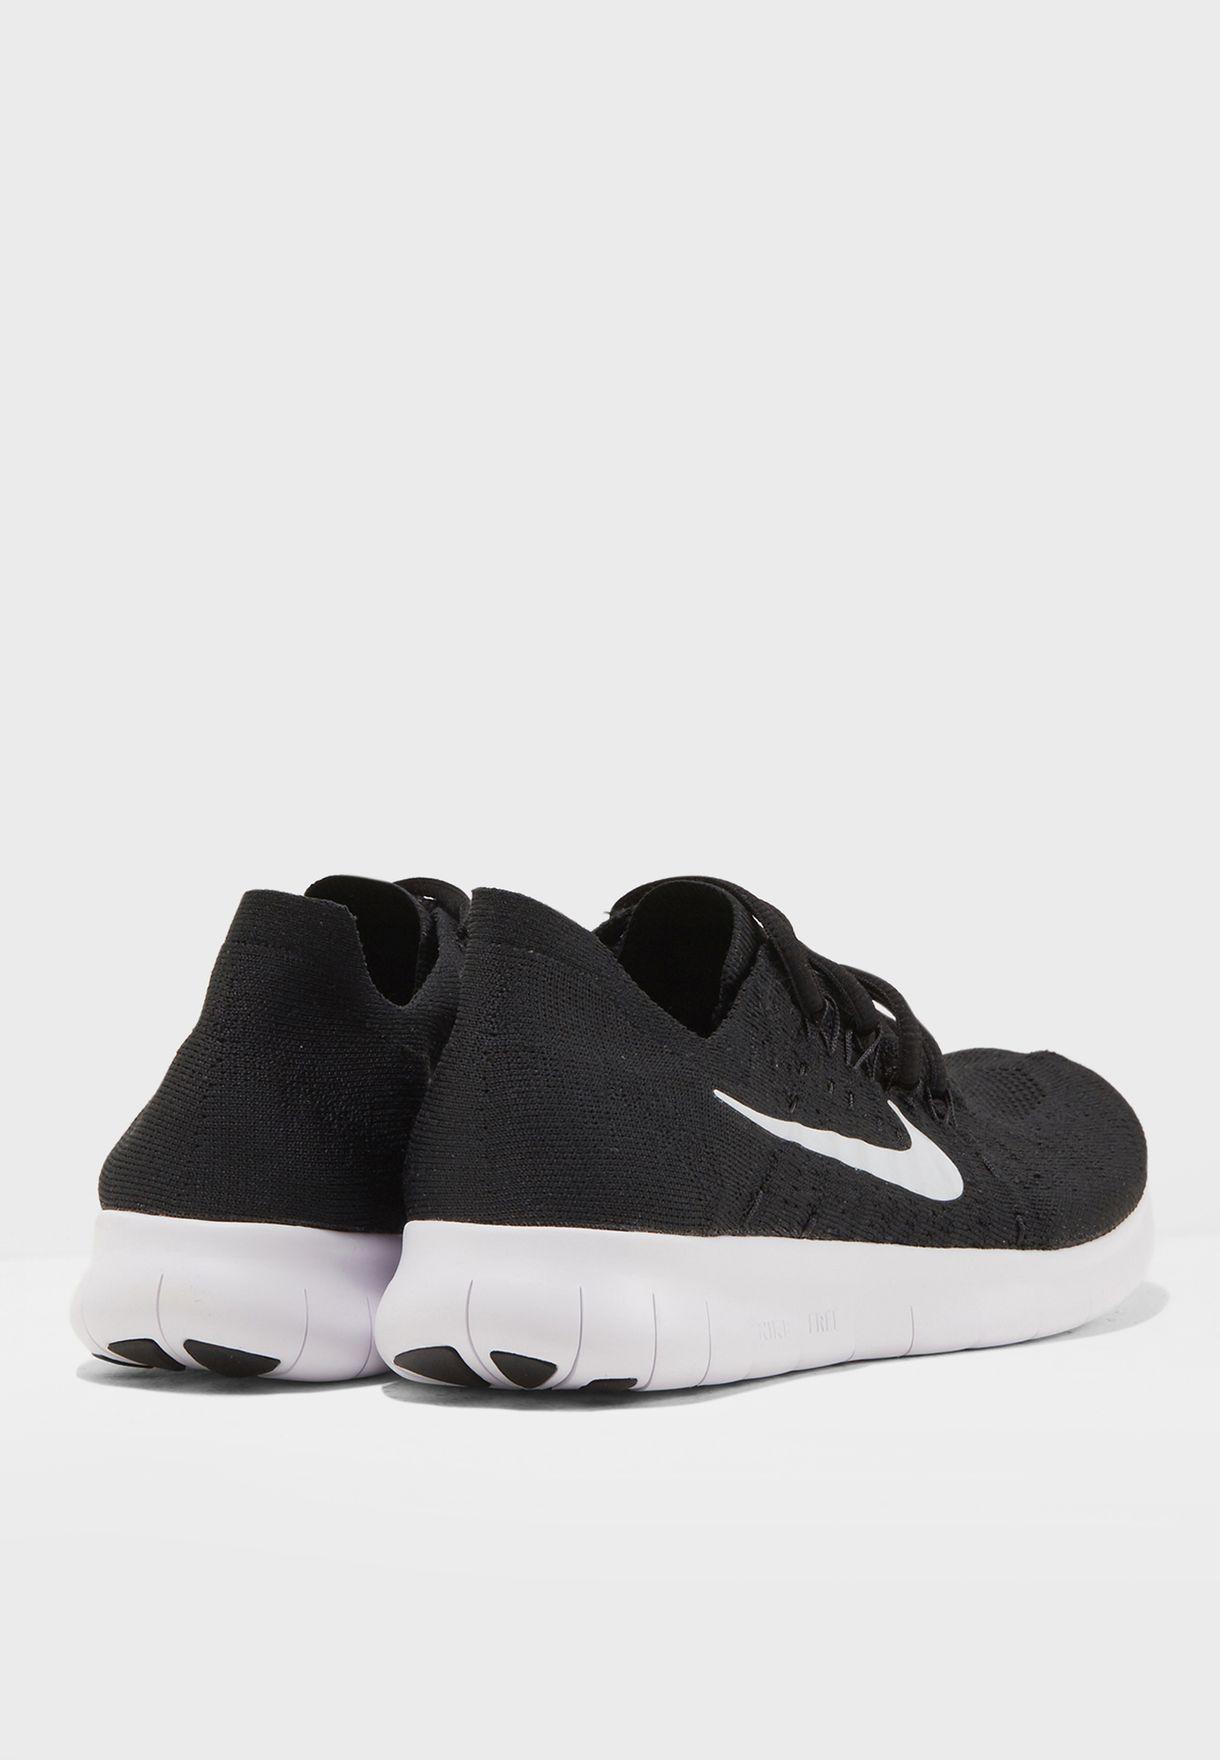 حذاء فري رن فلاينيت 2017